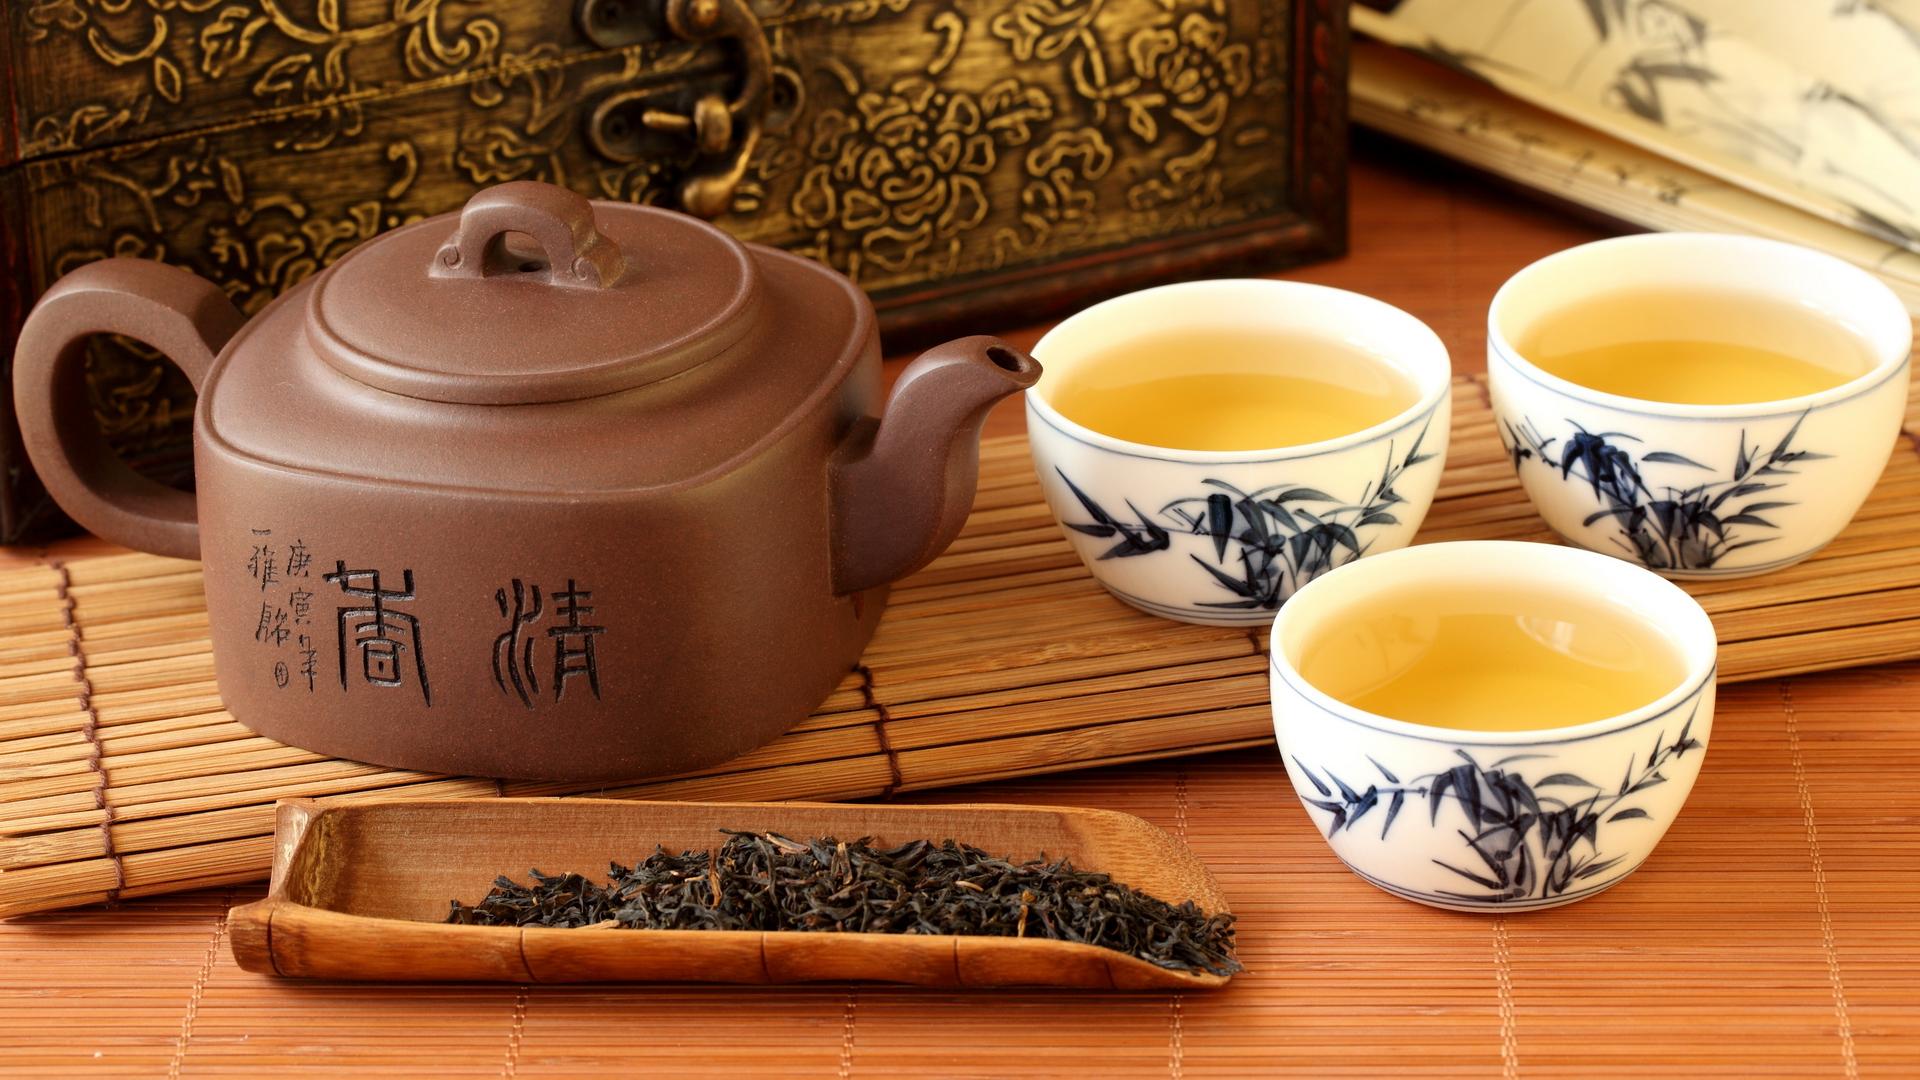 Чайная церемония в китае искусство чайной церемонии